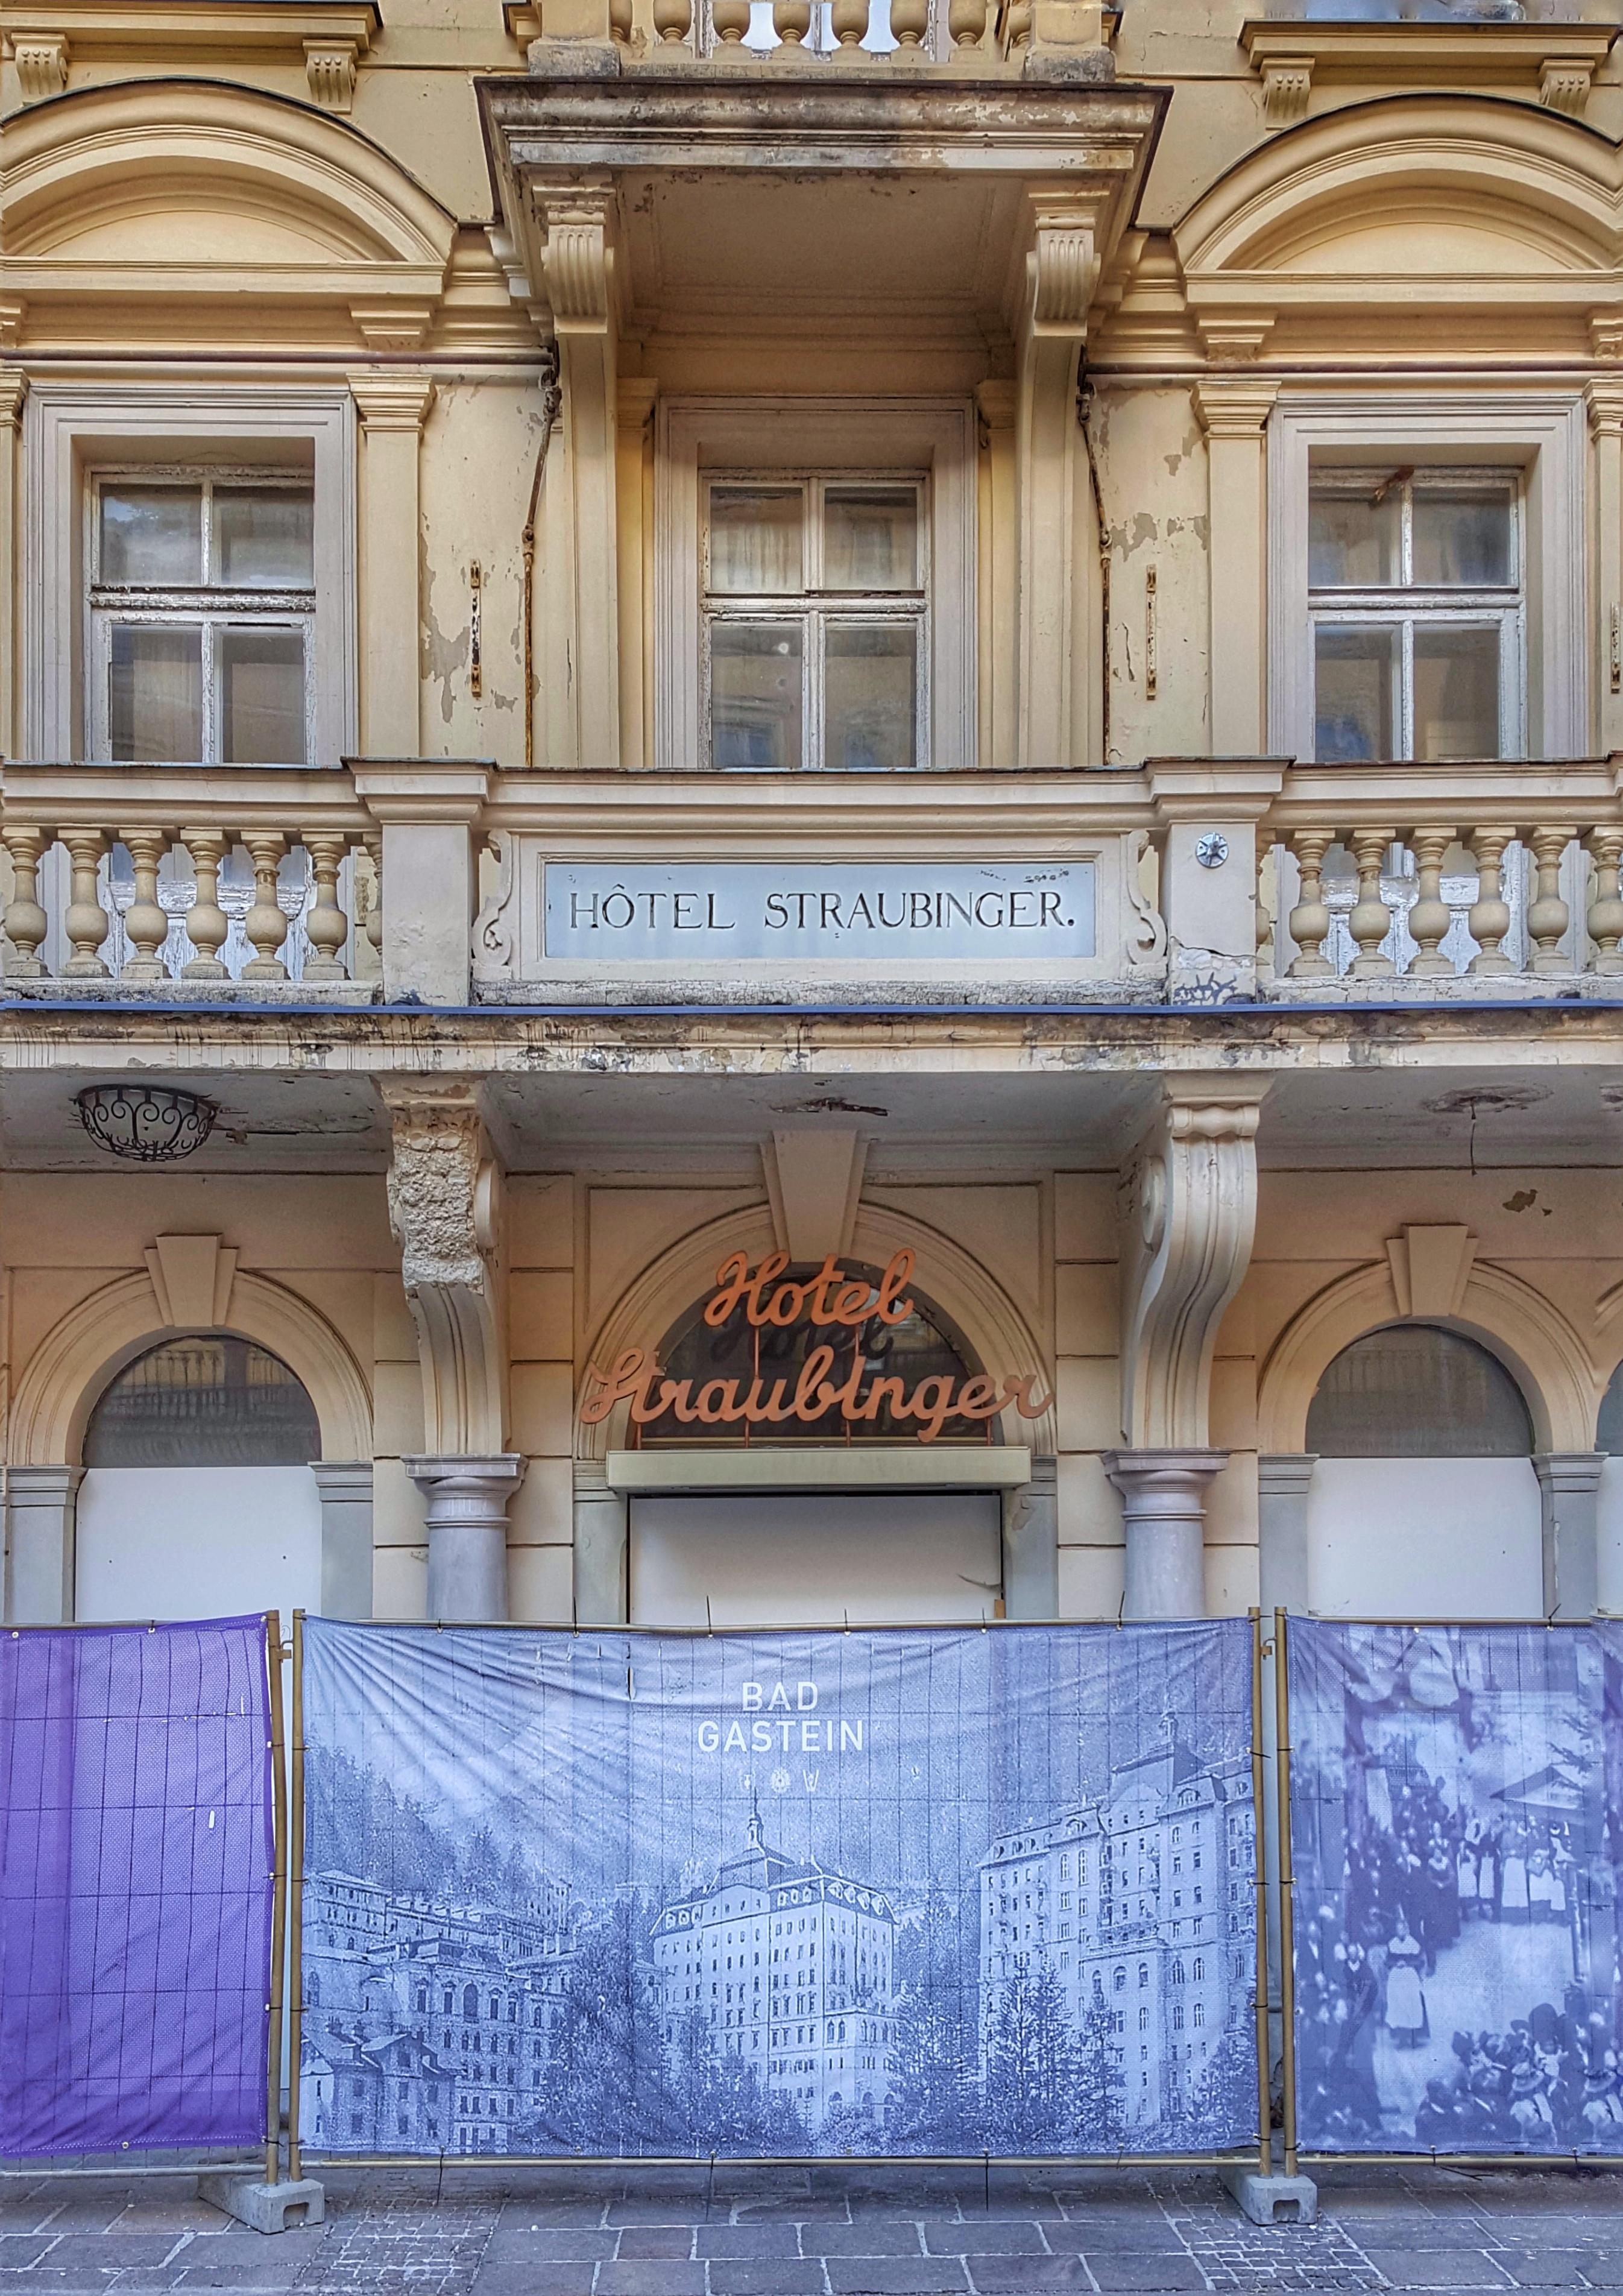 Former Hotel Straubinger in Bad Gastein